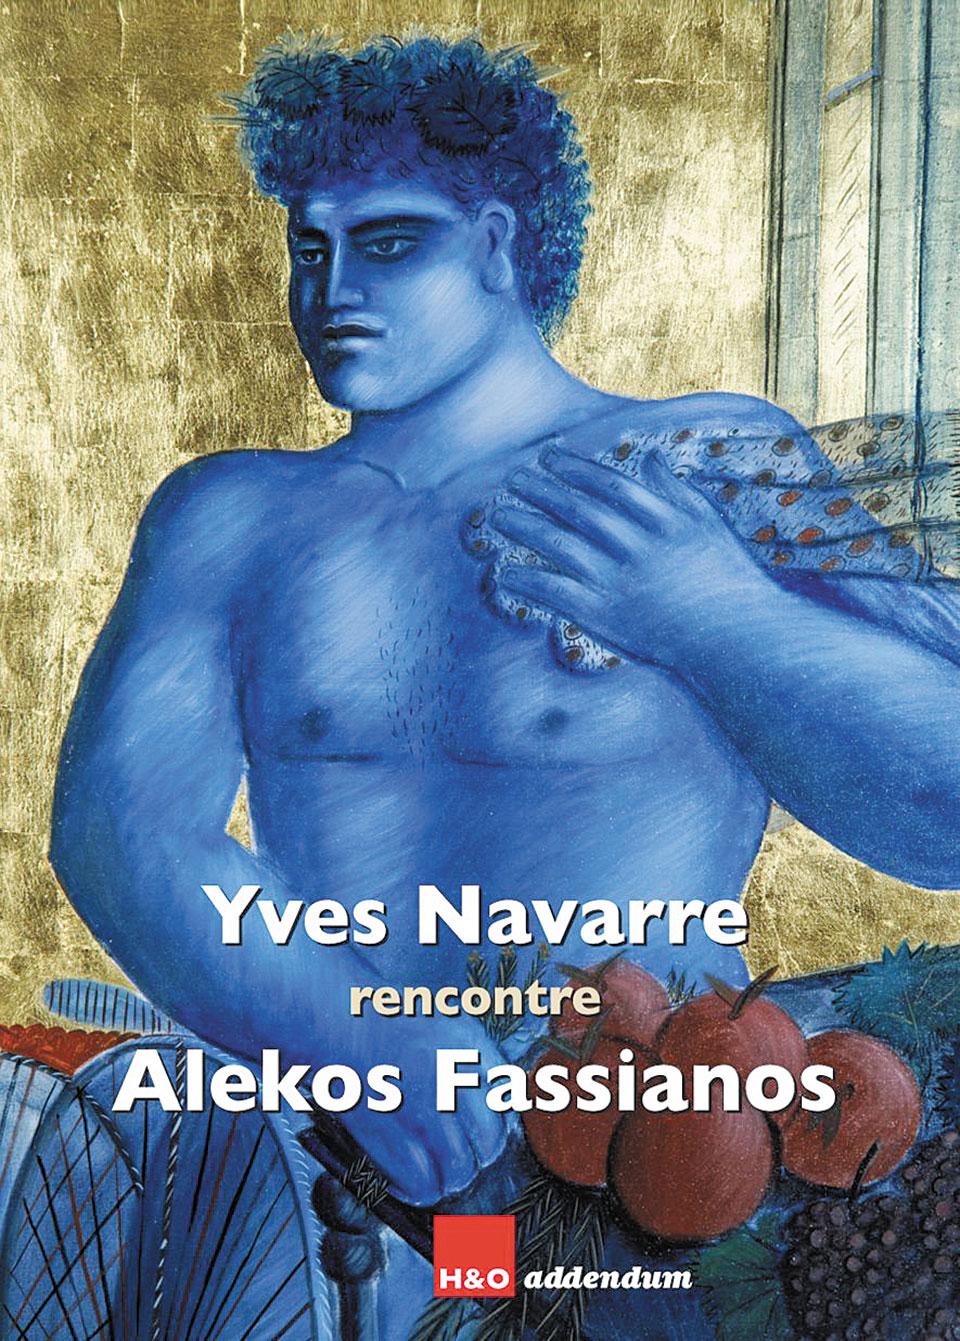 alekos-fasianos-iv-navar-mia-ekthesi-sto-parisi-fotizei-ti-symporeysi-zografoy-kai-logotechni3